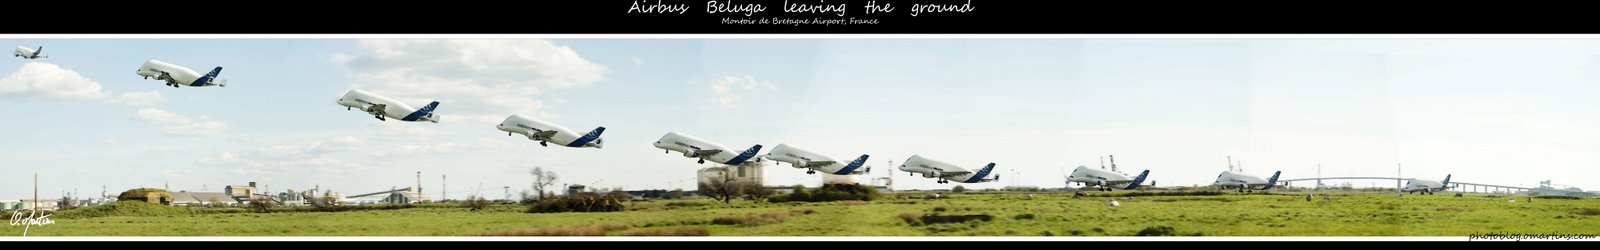 Decollage du Beluga d'Airbus